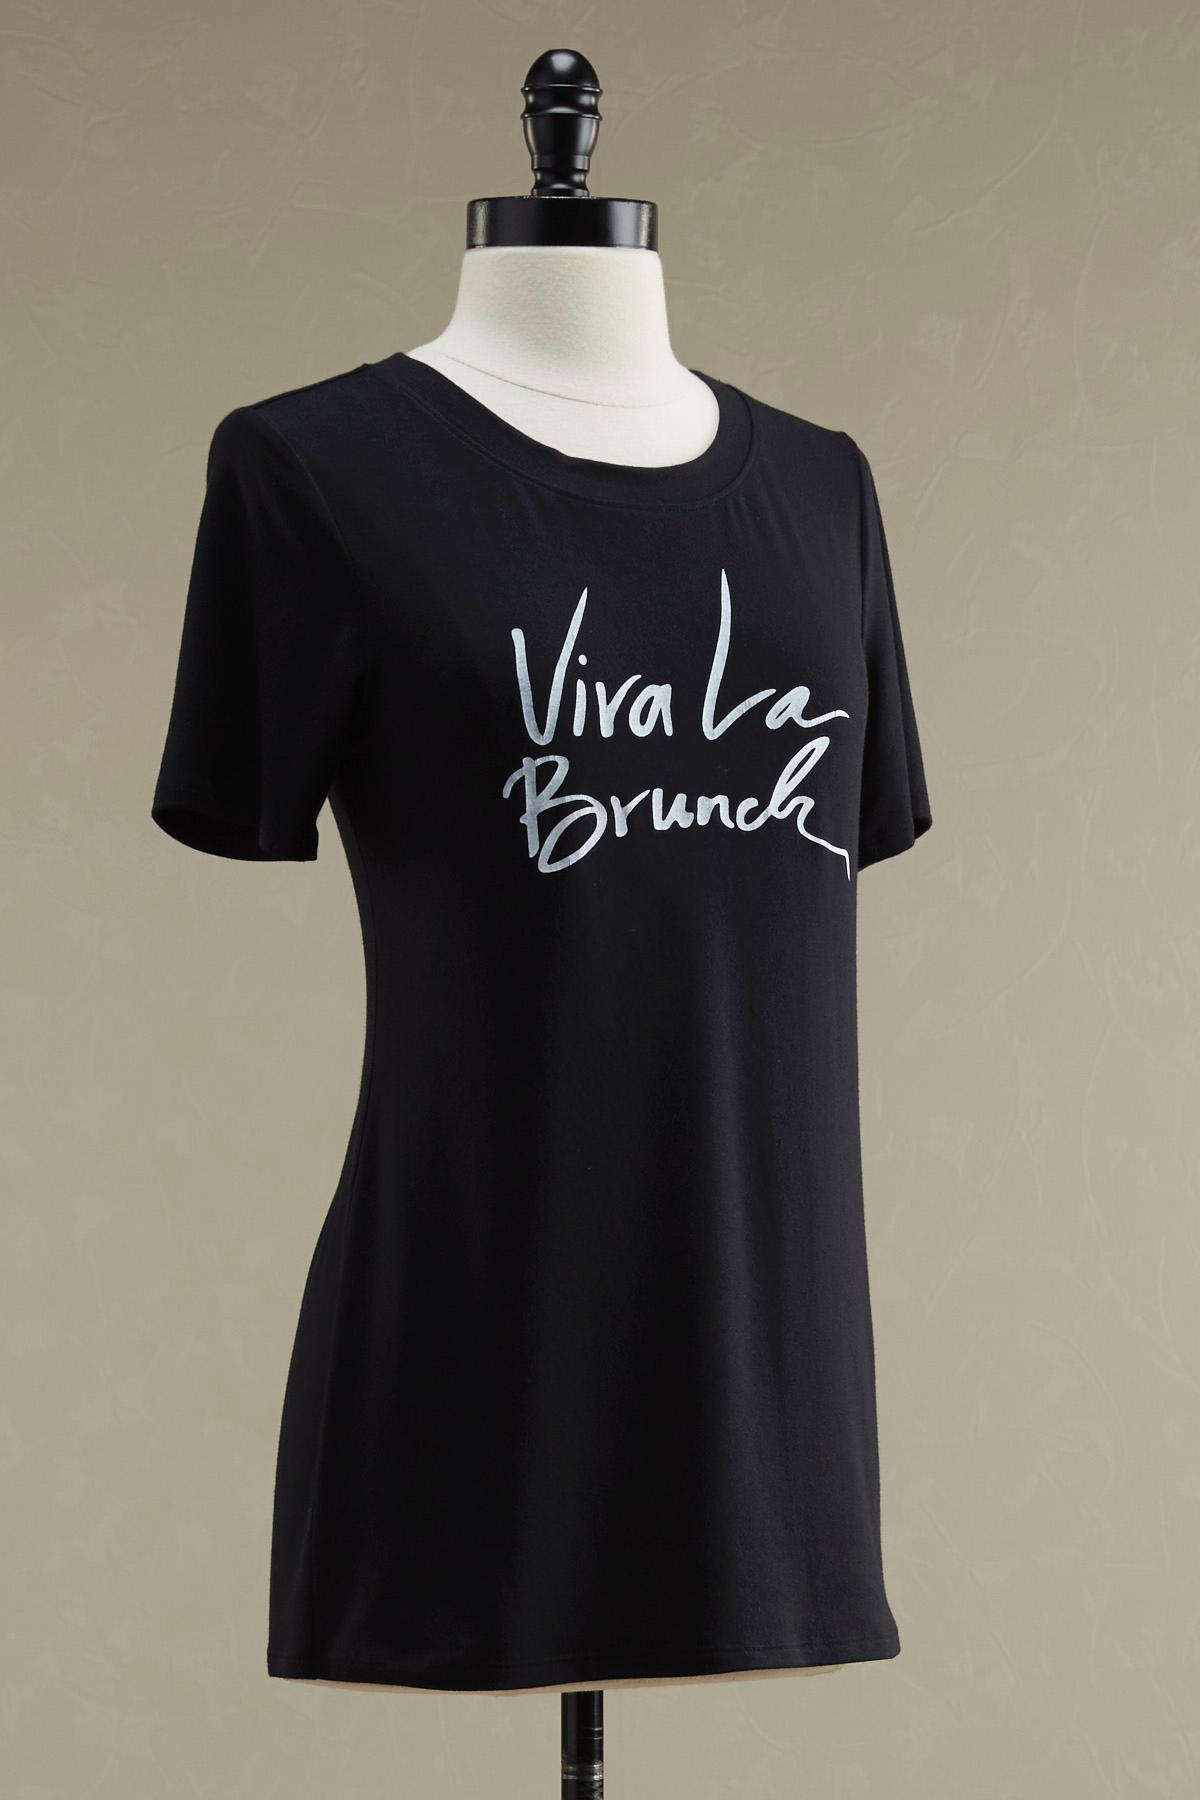 Viva La Brunch Graphic Tee